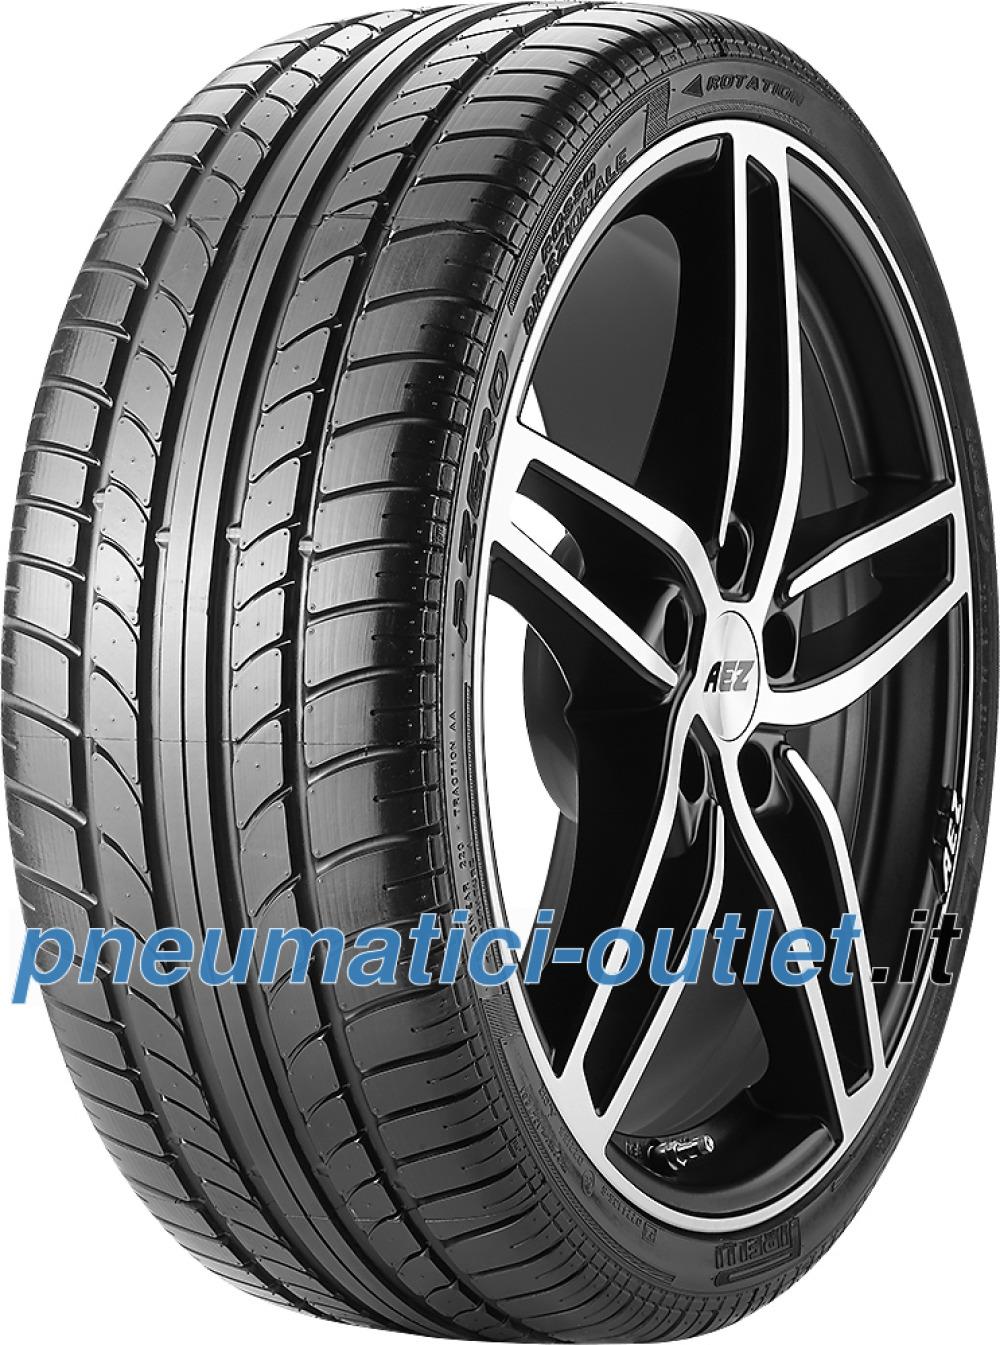 Pirelli P Zero Rosso Direzionale ( 245/40 ZR19 (98Y) XL con protezione del cerchio (MFS) )